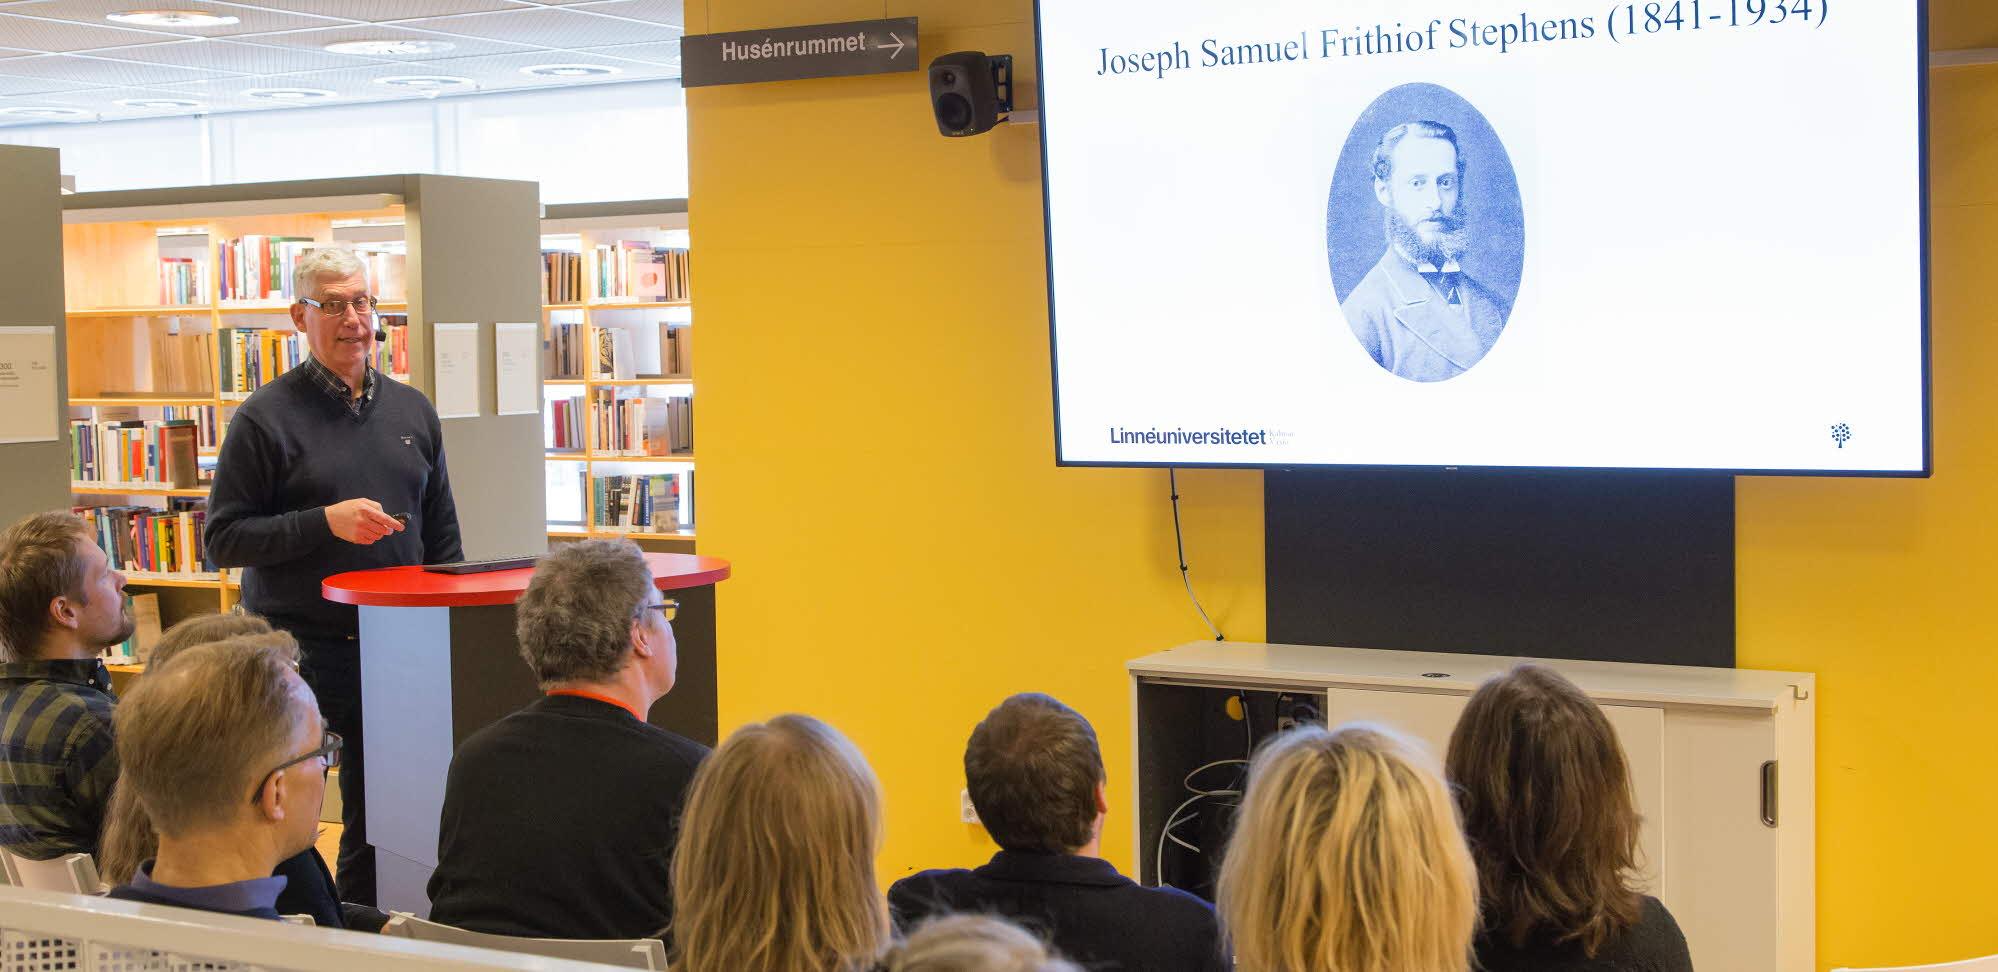 bild på öppen föreläsning